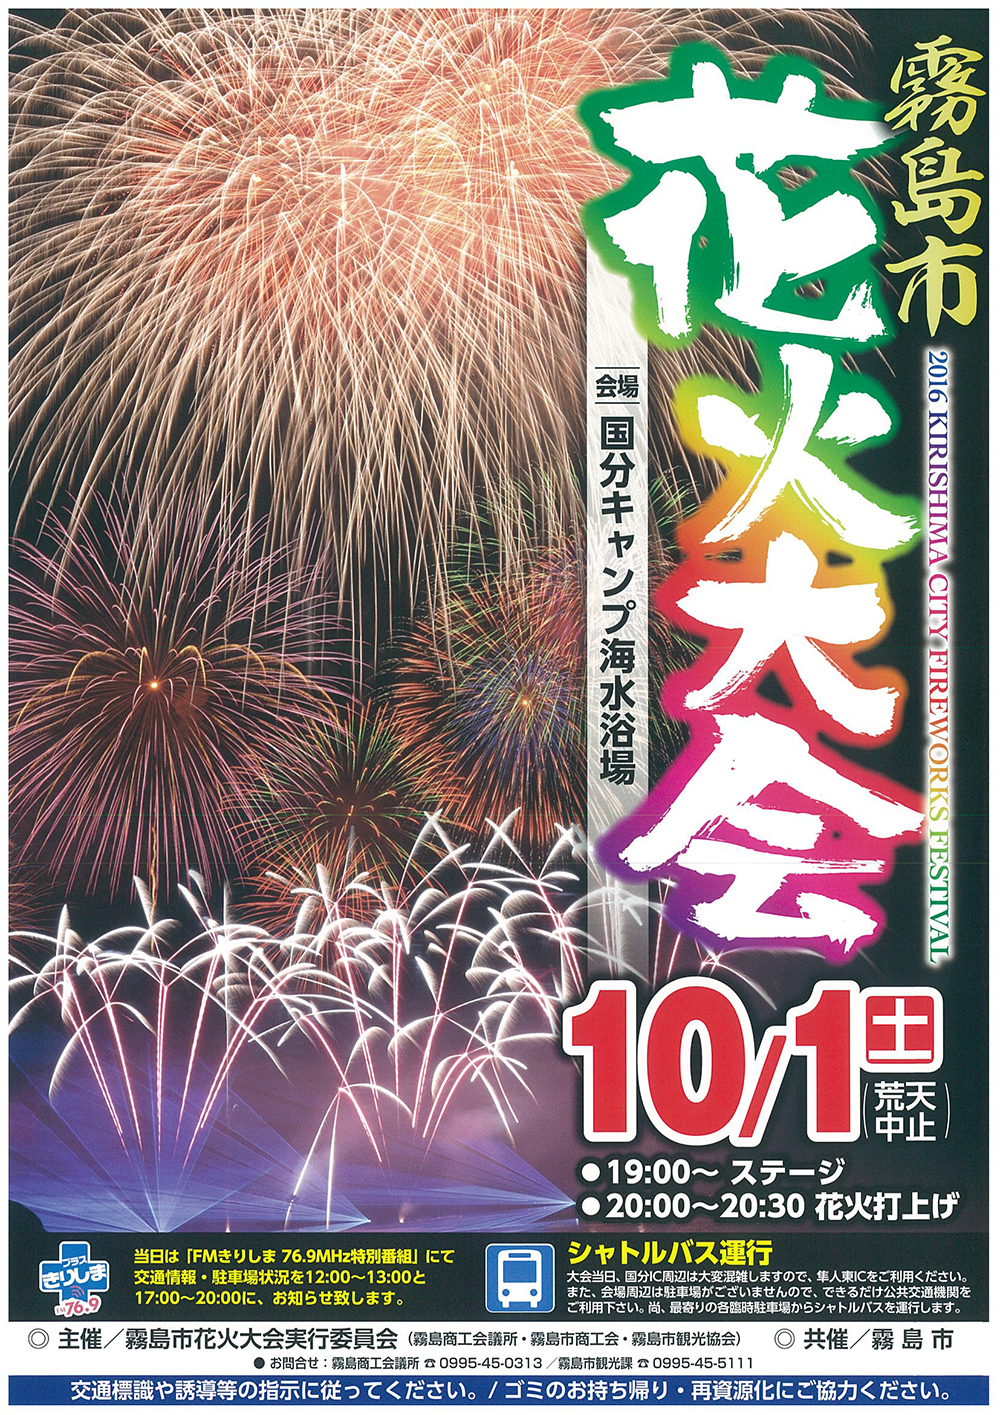 霧島市 花火大会開催のお知らせ